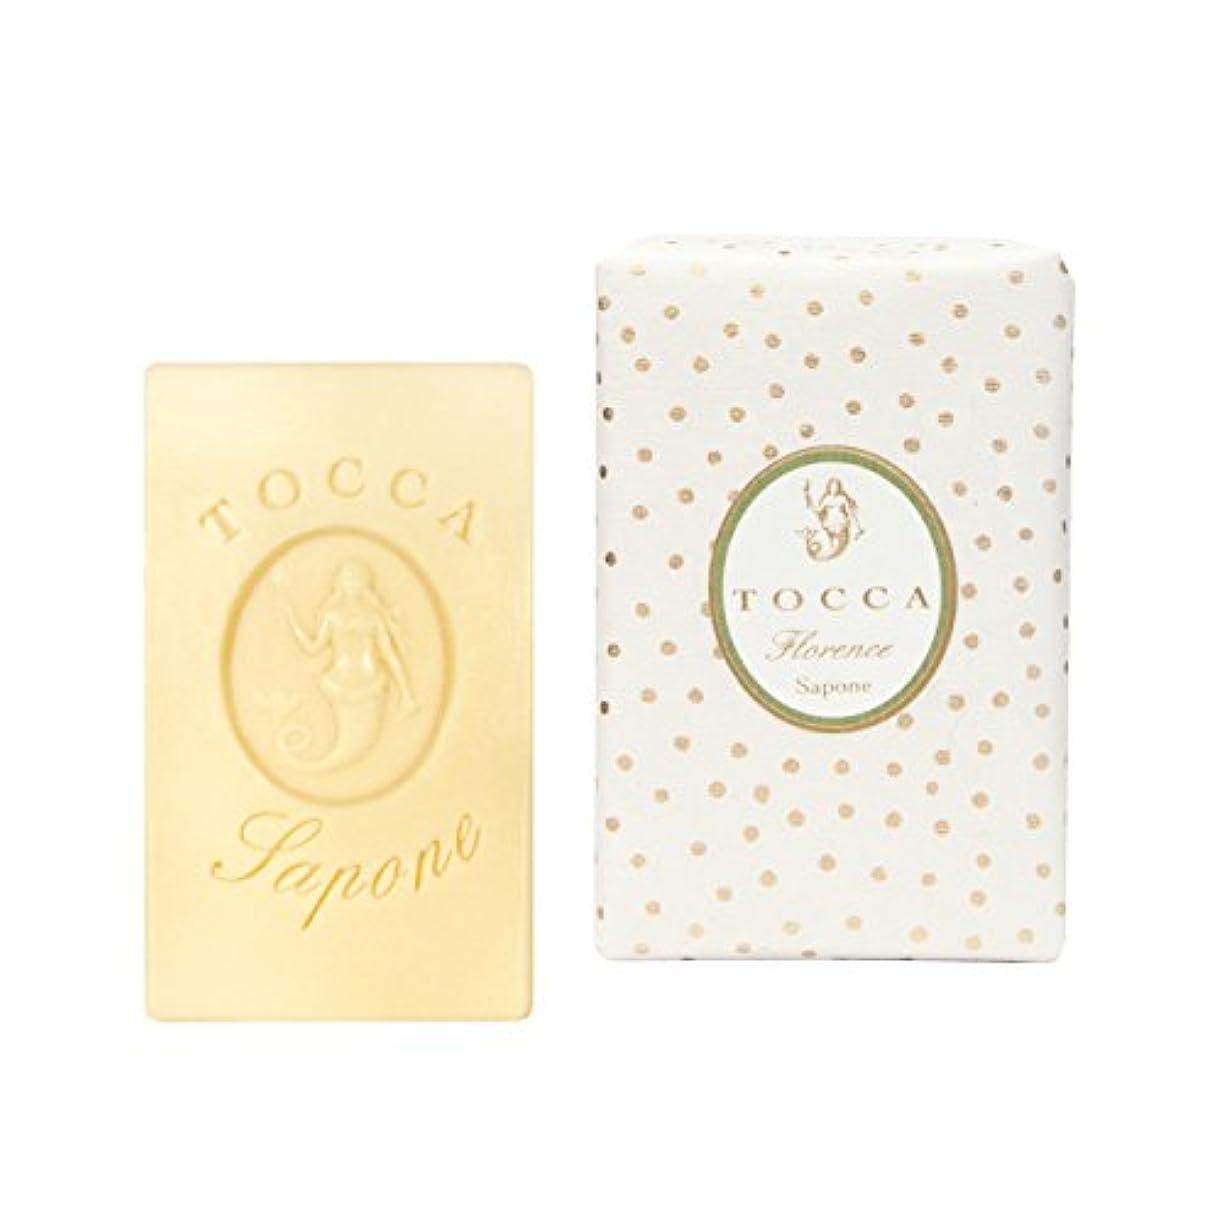 口述する海洋棚トッカ(TOCCA) ソープバーフローレンスの香り 113g(石けん 化粧石けん ガーデニアとベルガモットが誘うように溶け合うどこまでも上品なフローラルの香り)